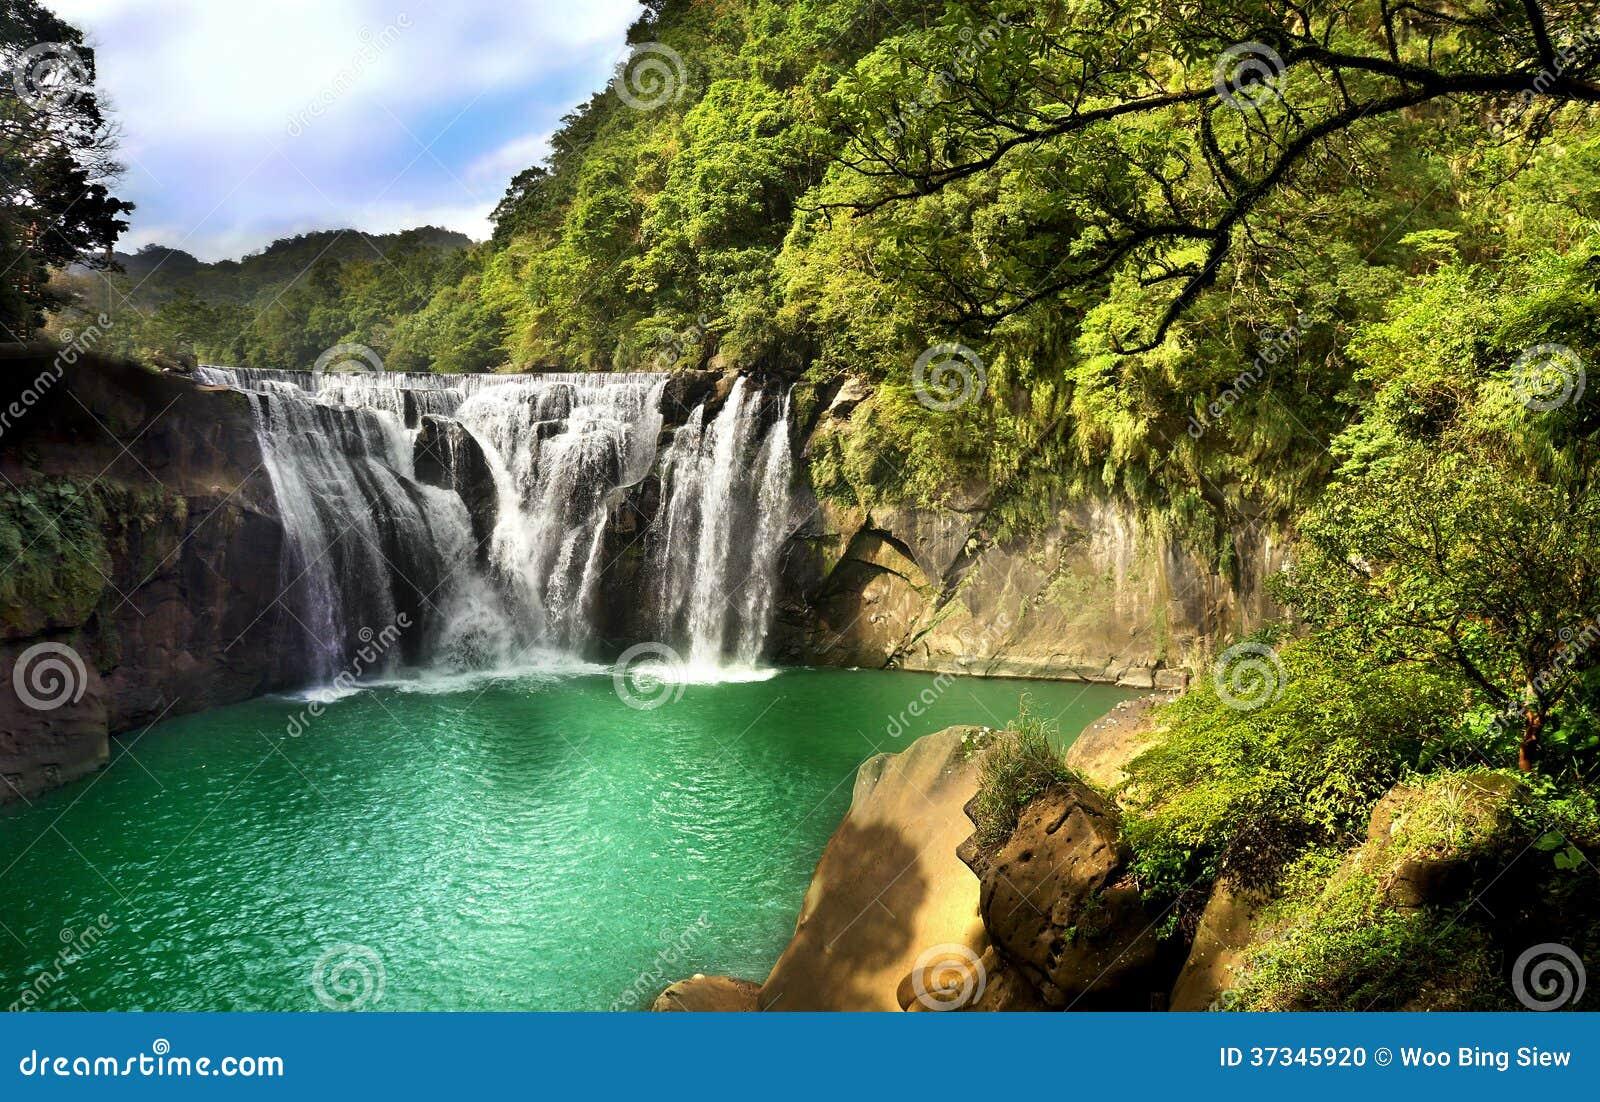 Vattenfalllandskap